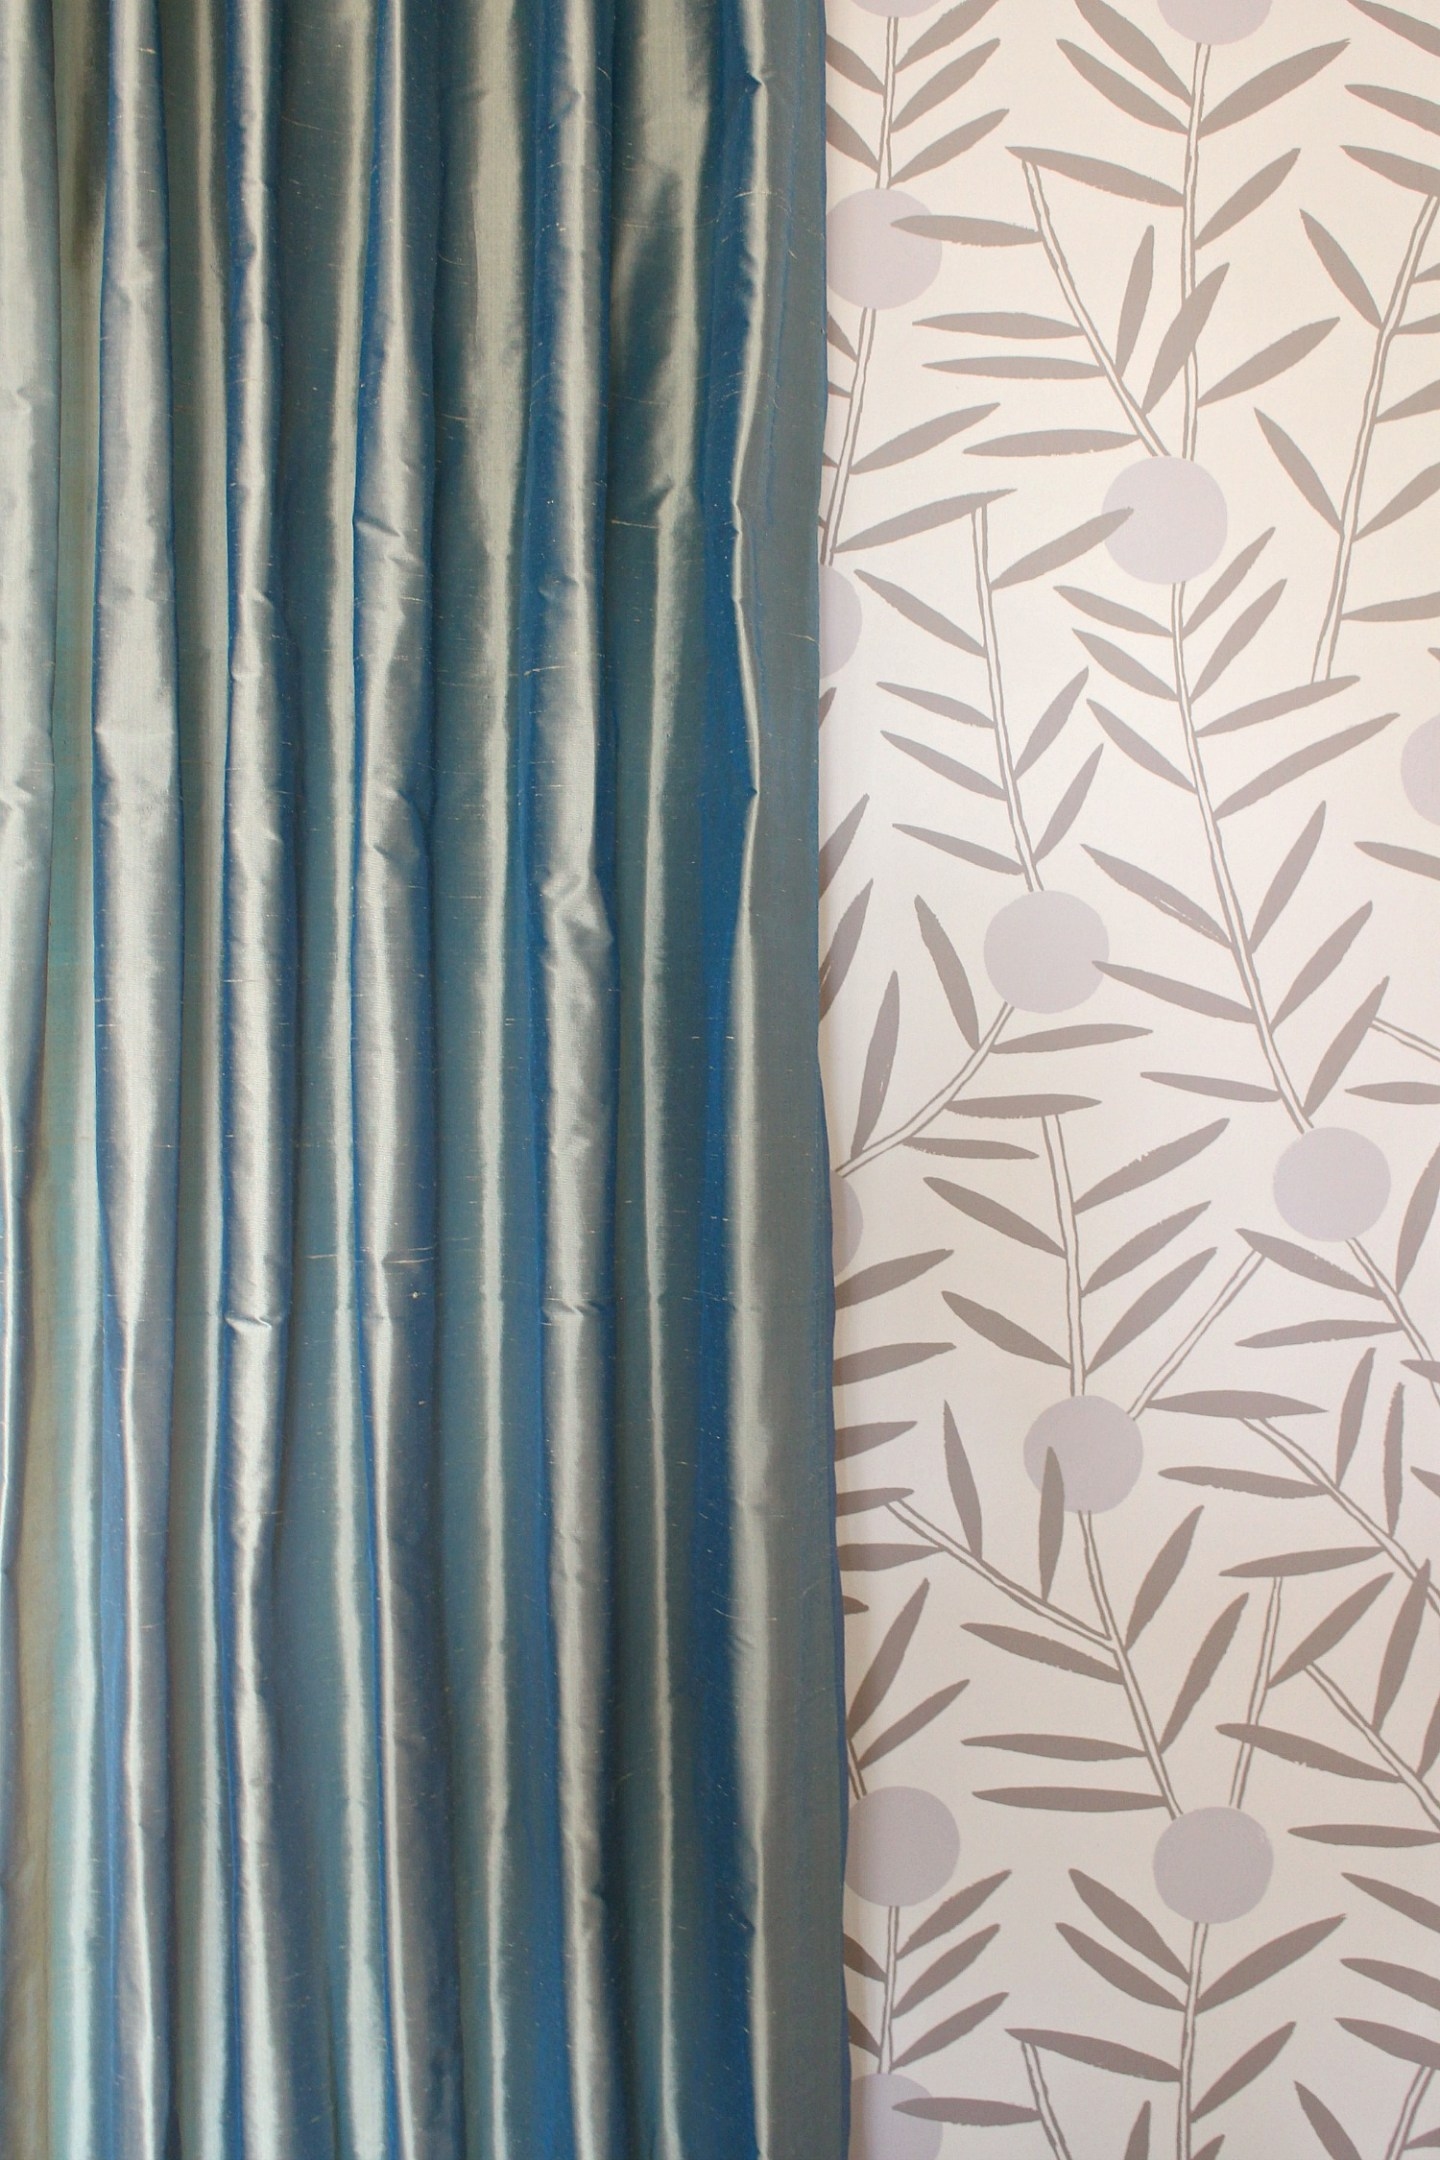 Teal green silk curtains